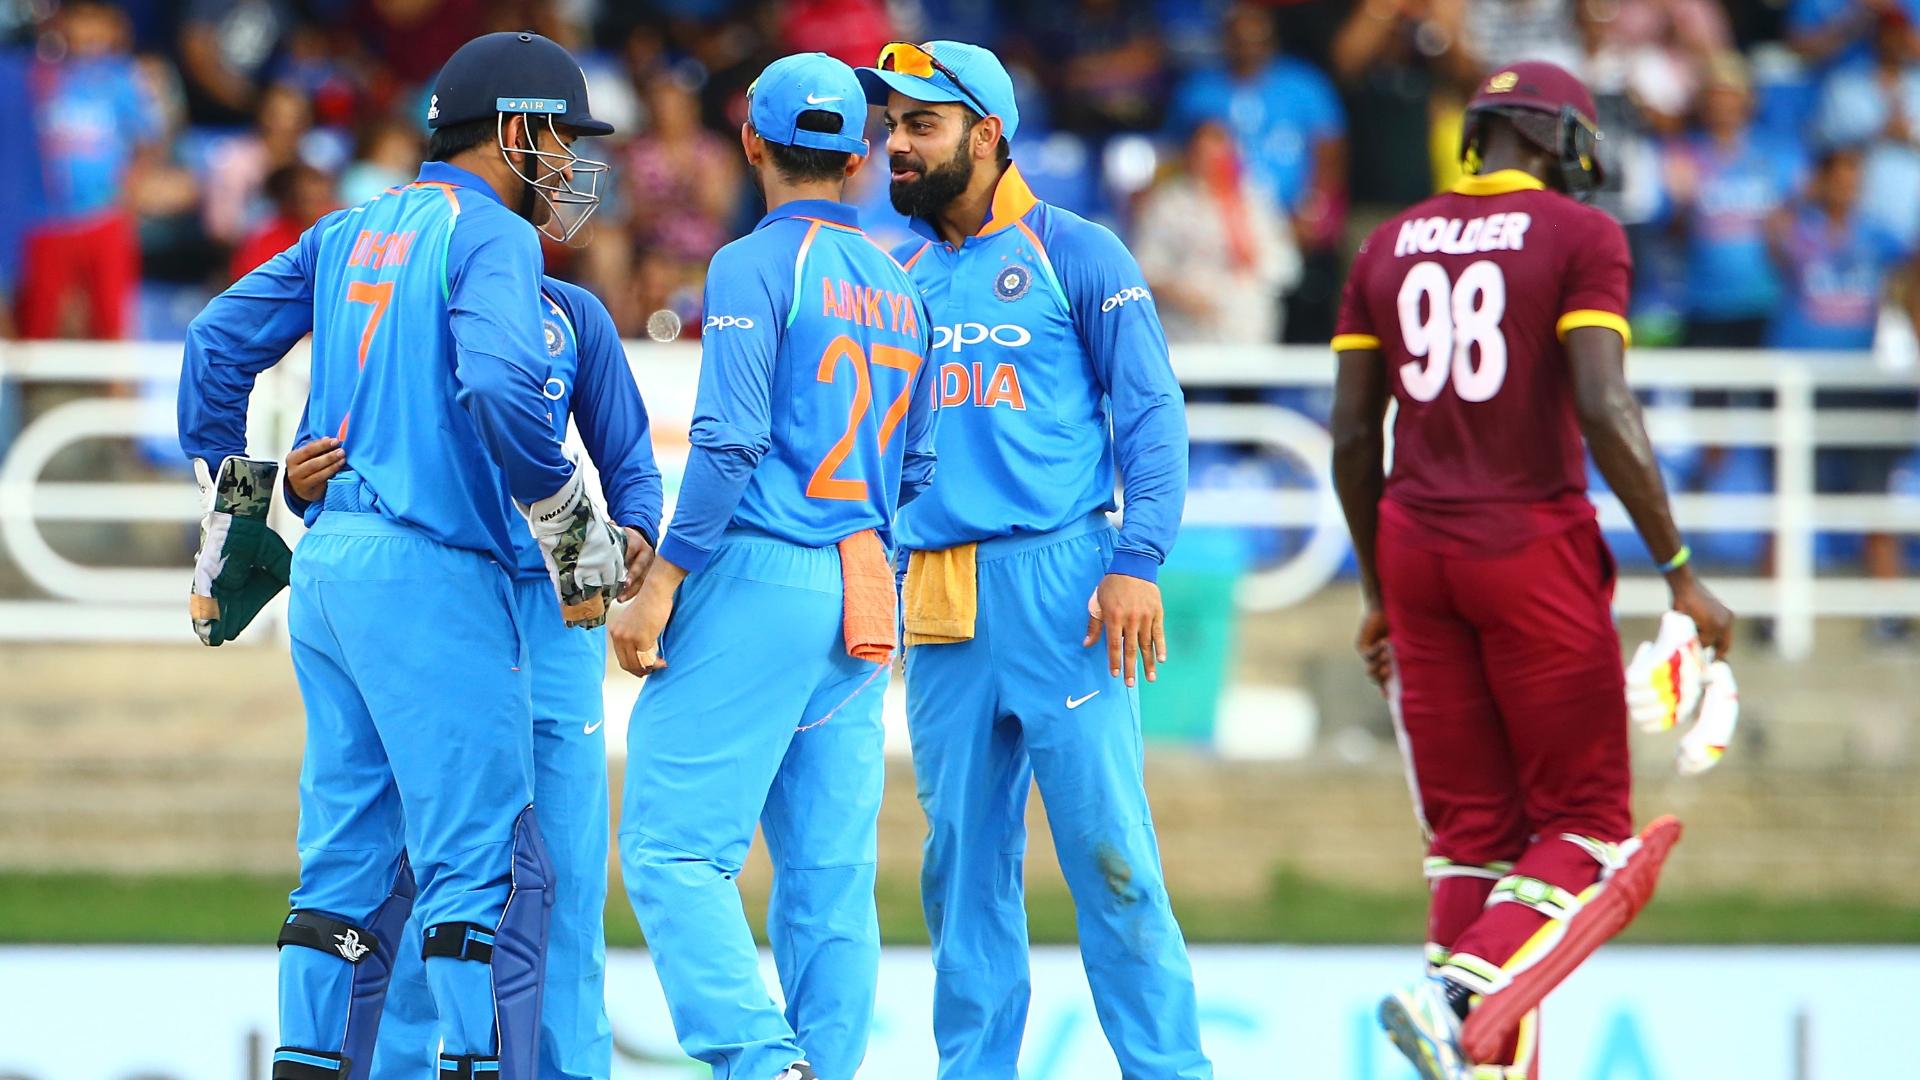 वेस्टइंडीज के कप्तान जेसन होल्डर ने चुनी अपनी आलटाइम इलेवन सिर्फ एक भारतीय खिलाड़ी को मिली टीम में जगह